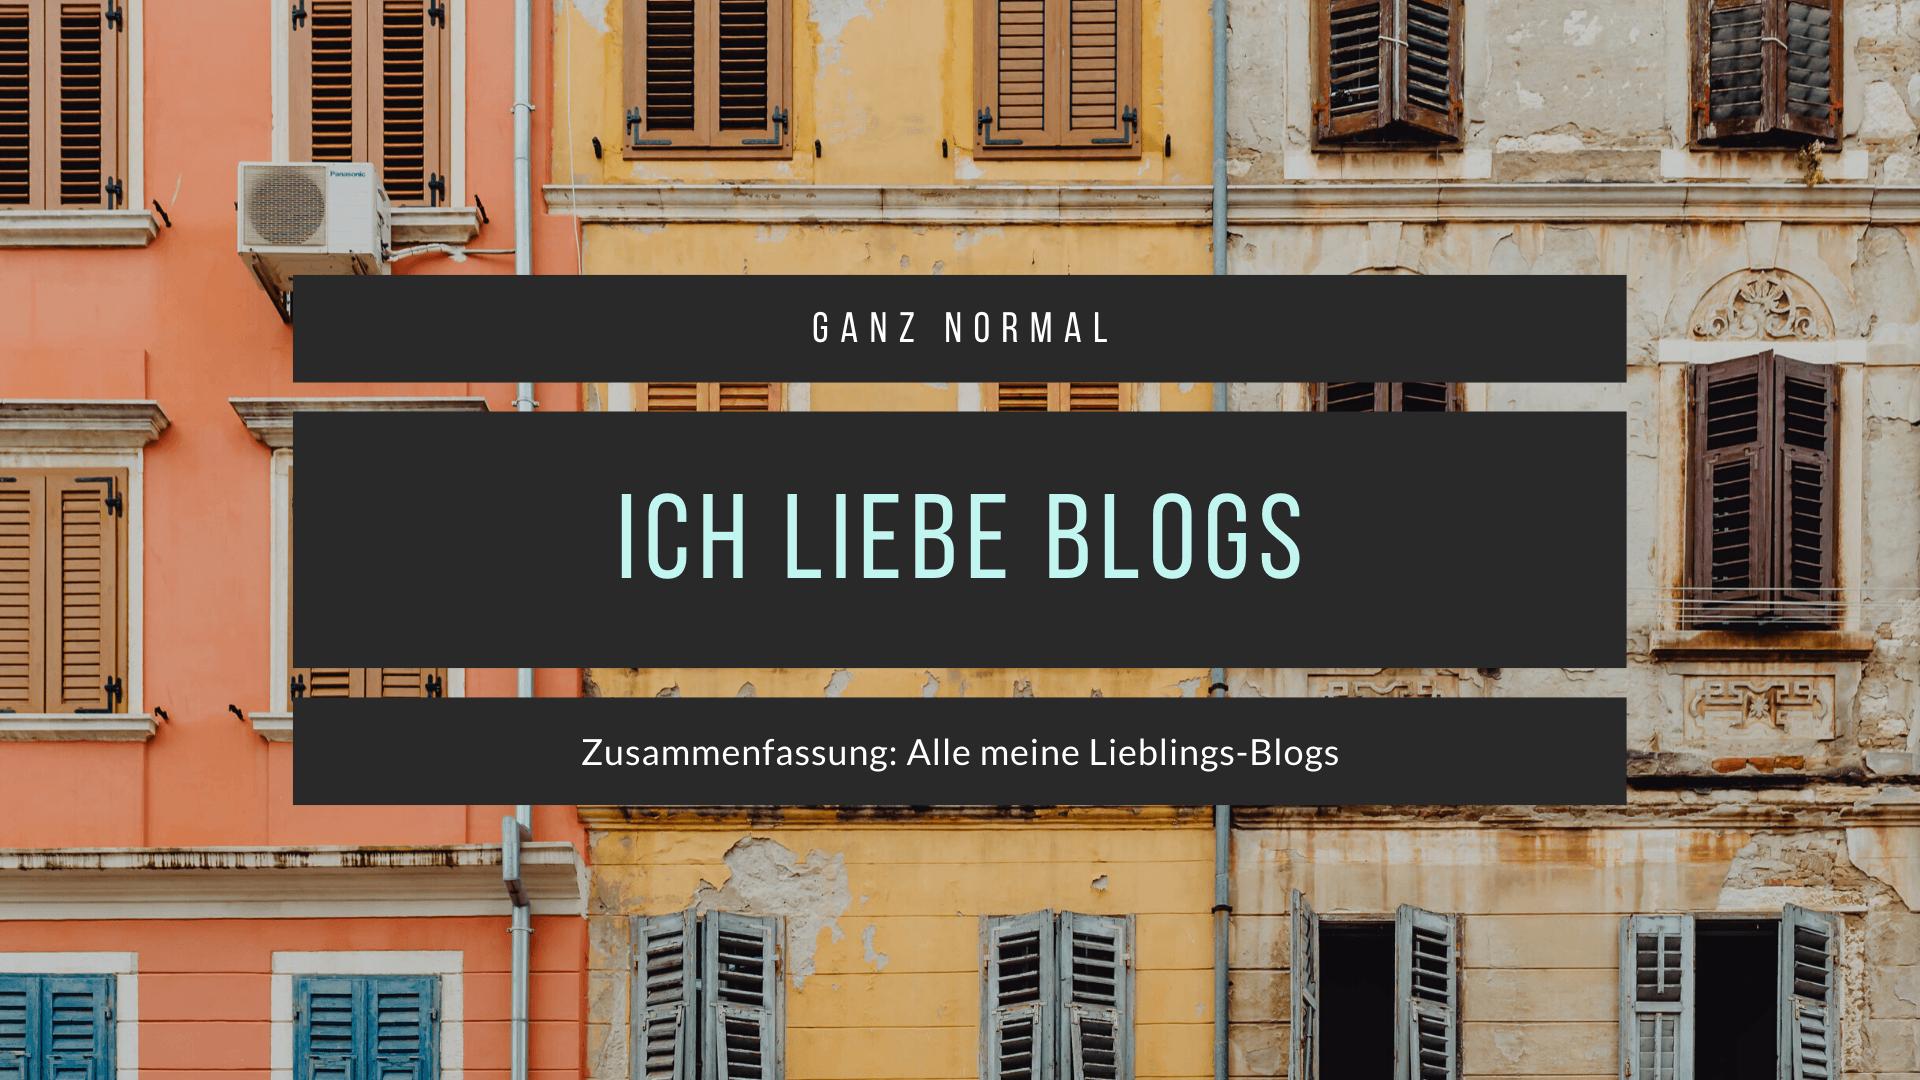 Ganz-normal-Bloglabel-Zusammenfassung-01.png